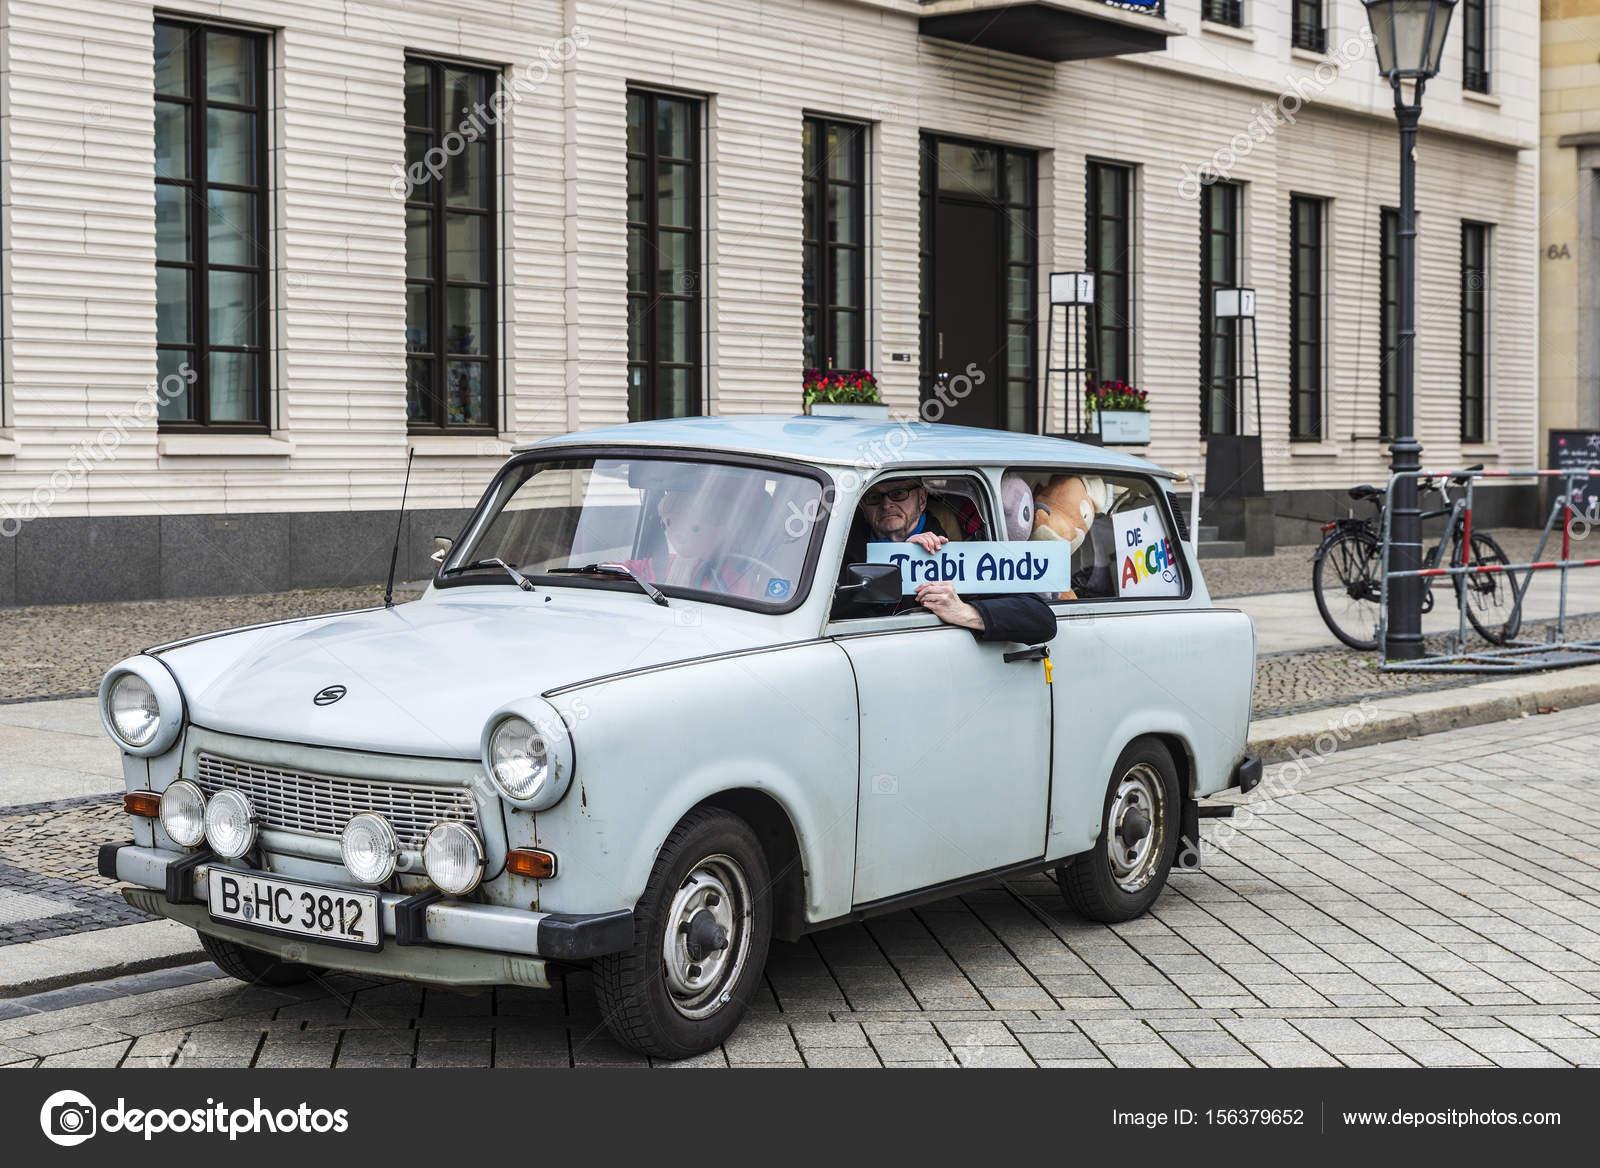 Alman araba markaları